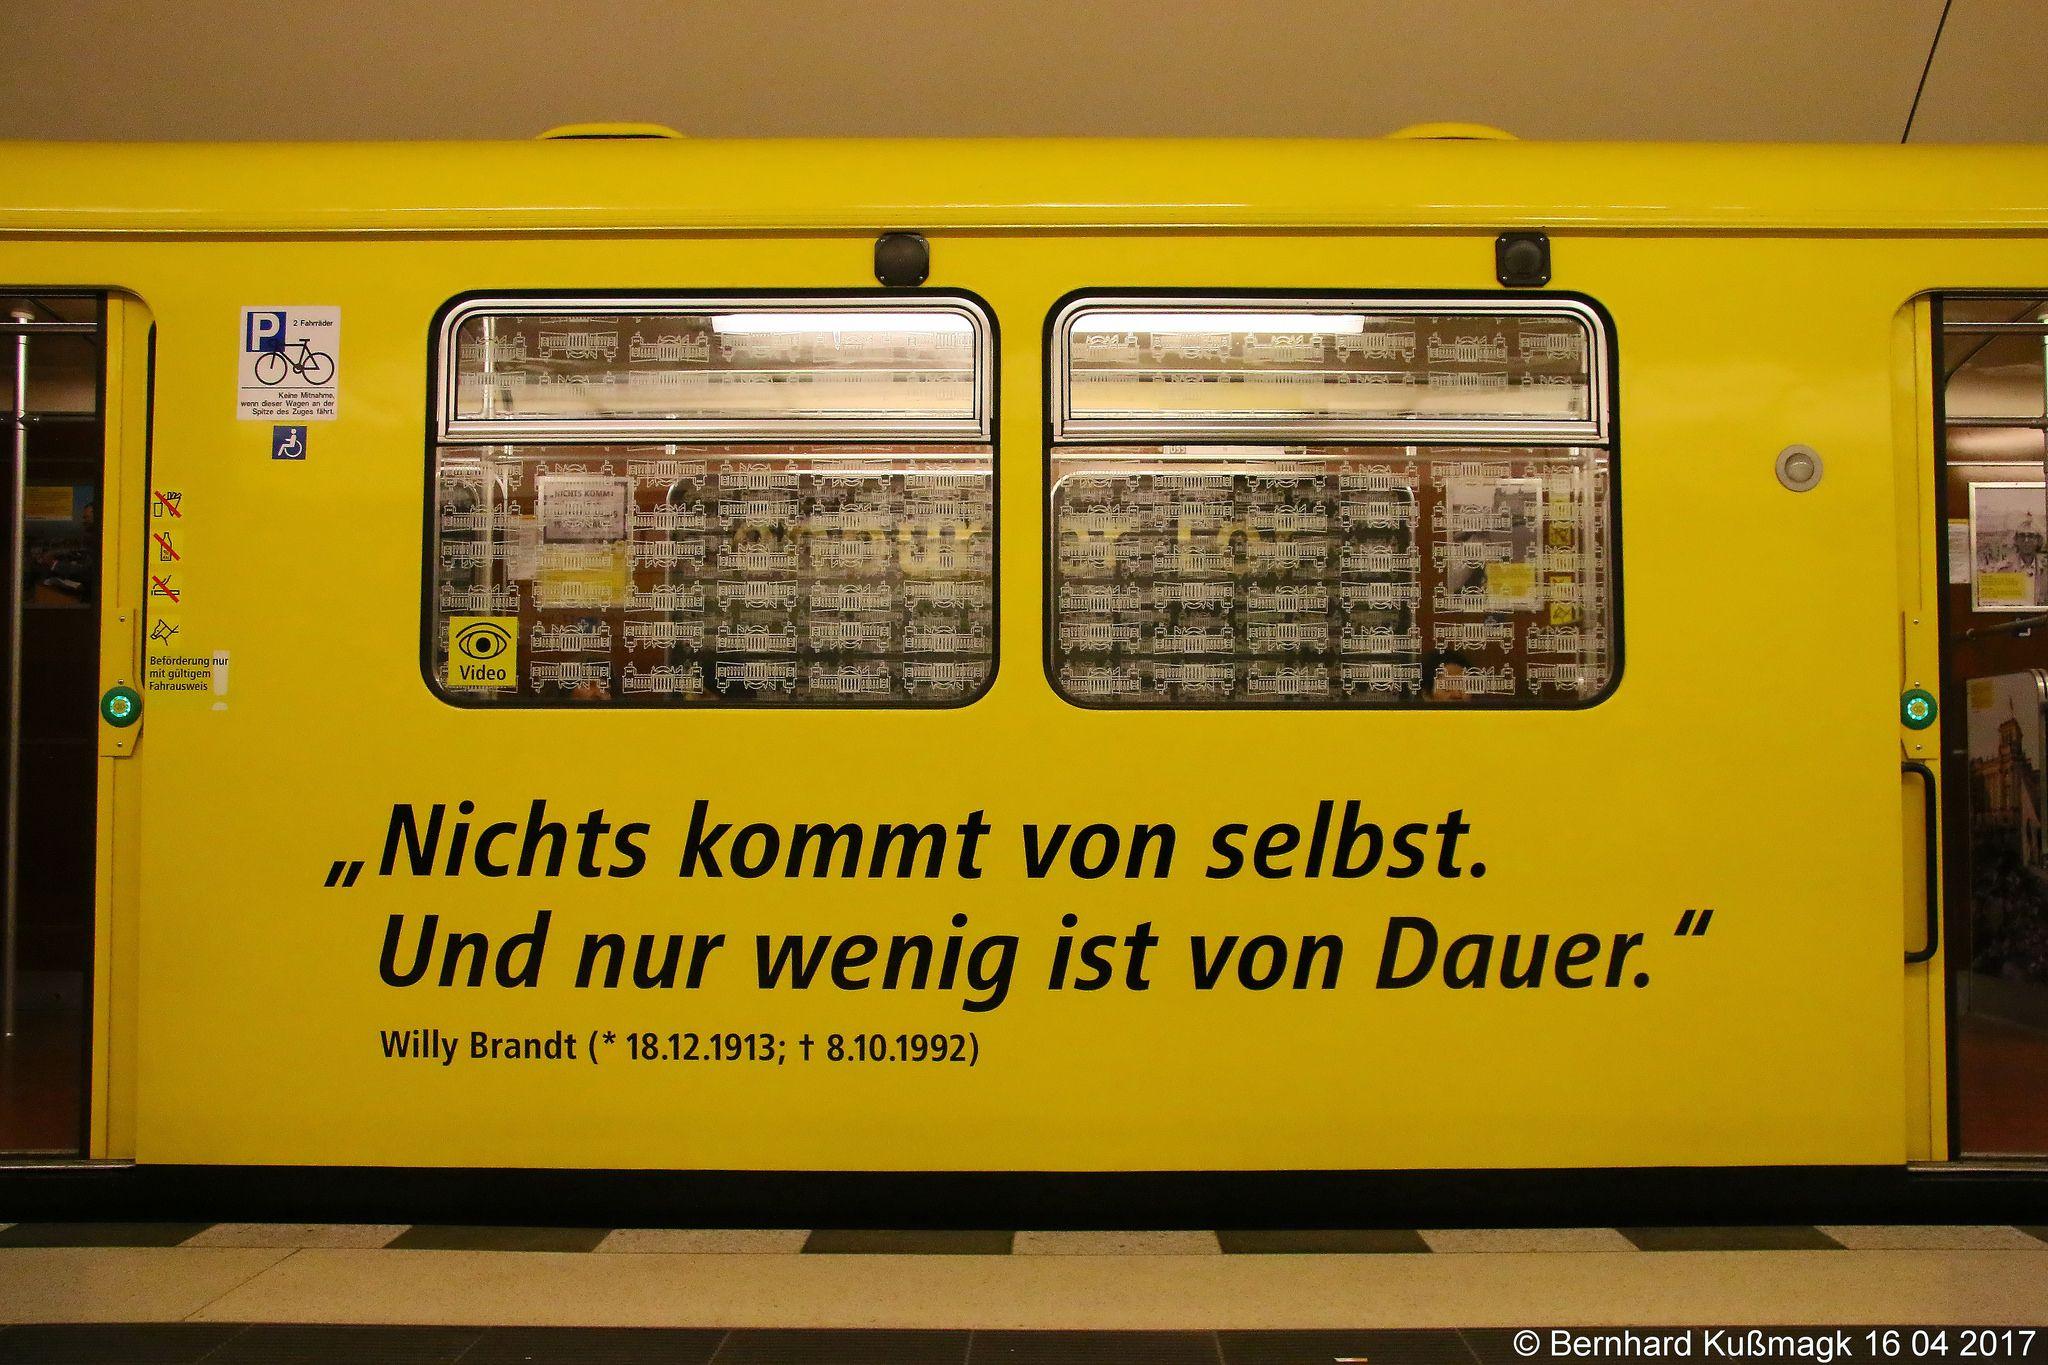 Europa Deutschland Berlin Mitte U Bahnhof Brandenburger Tor U Bahn Linie U5 Underground Cities Metropolitan Line Underground